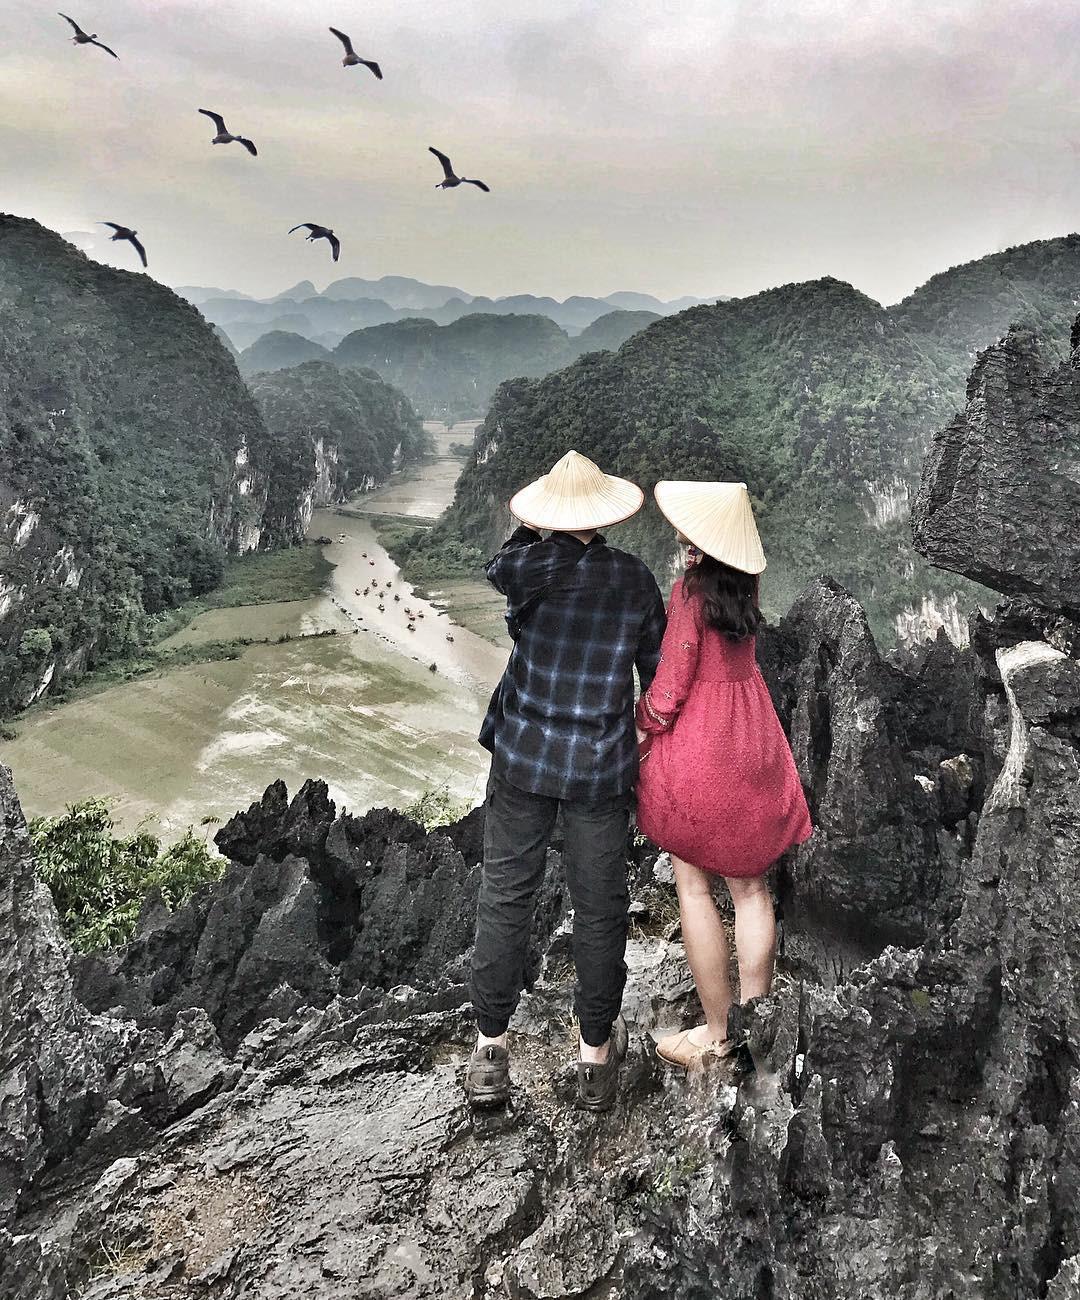 Hang Múa mờ ảo, khác biệt trong ảnh chỉnh sửa của giới trẻ Việt Ảnh 13